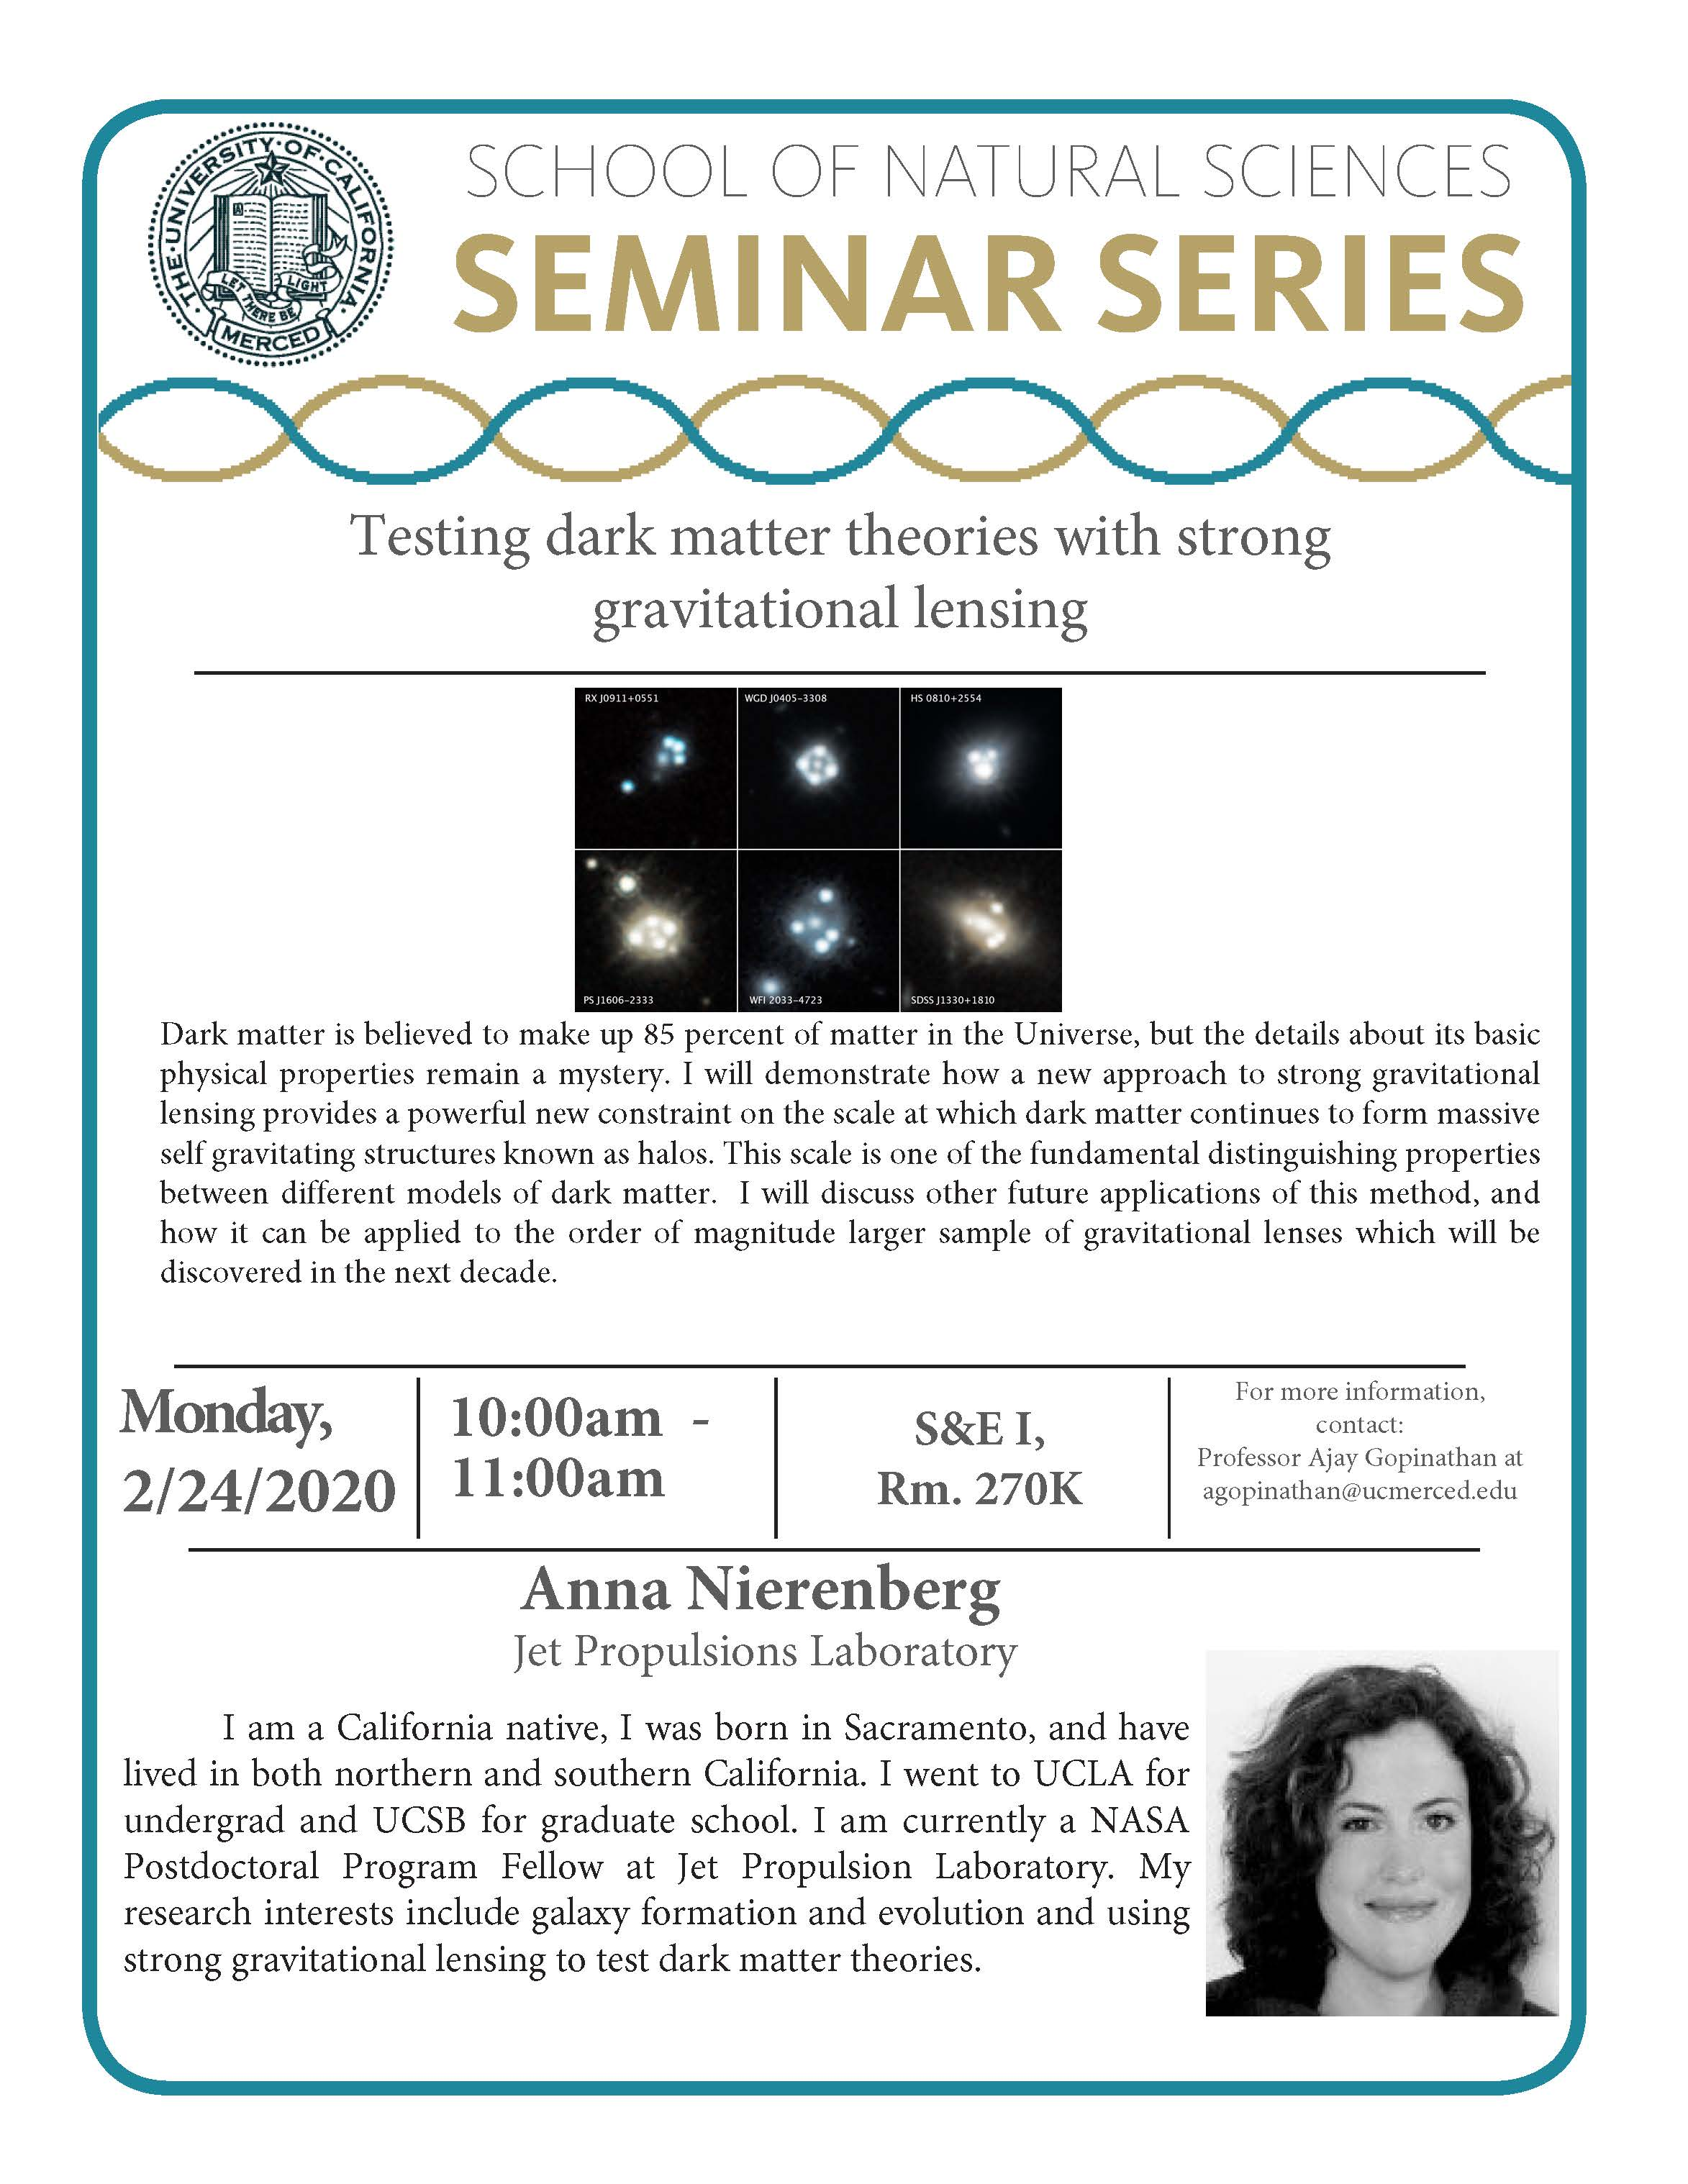 Physics Seminar for Dr. Anna Nierenberg